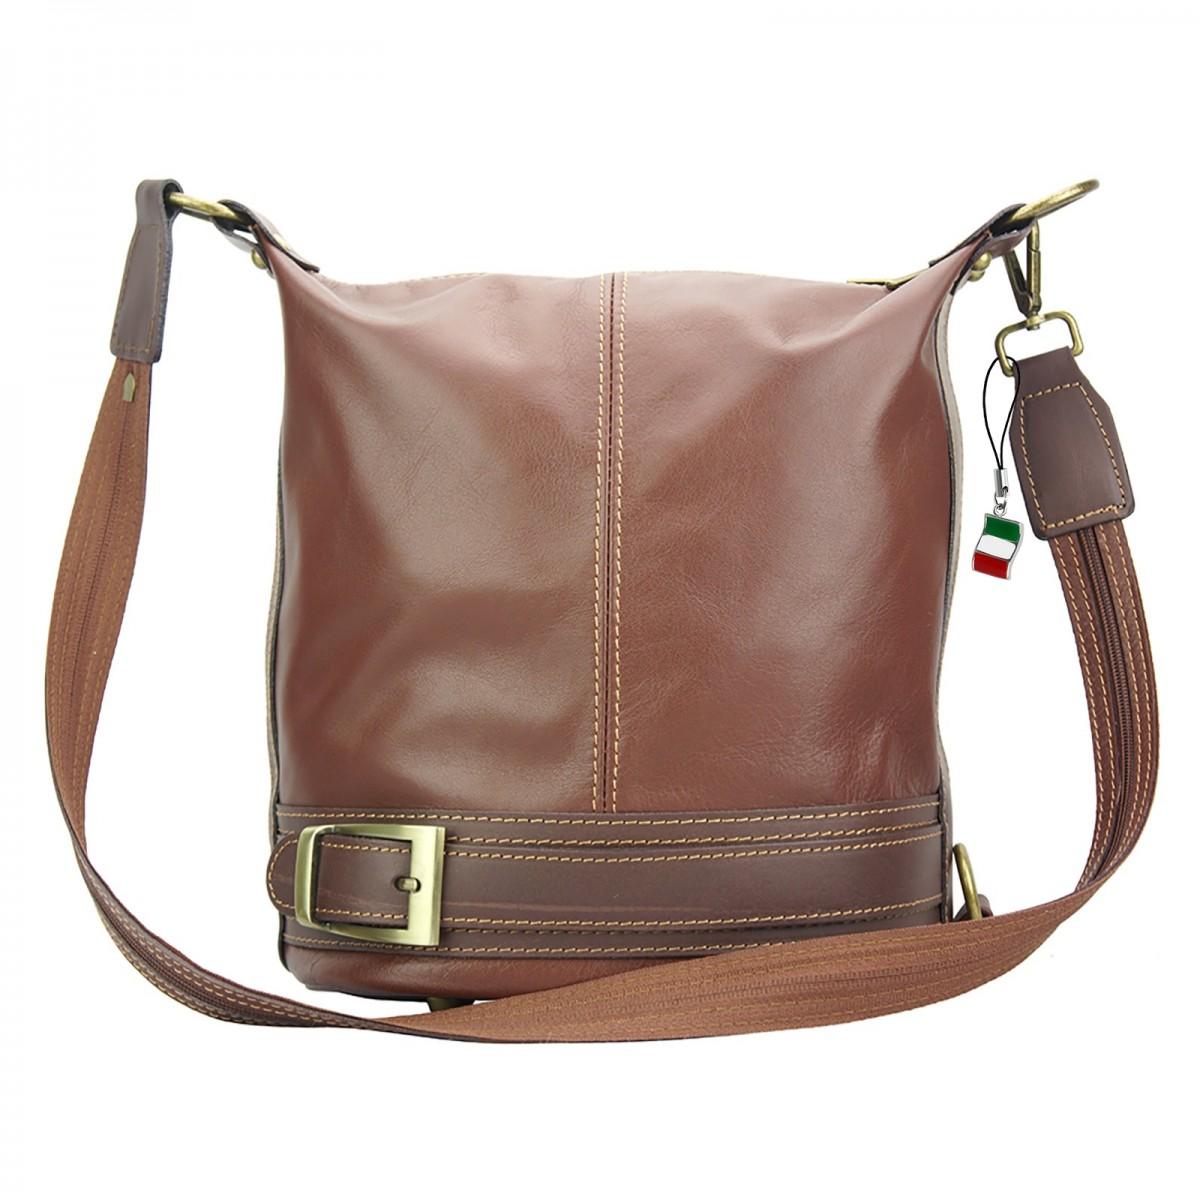 Frauen suchen männer seoul rucksack